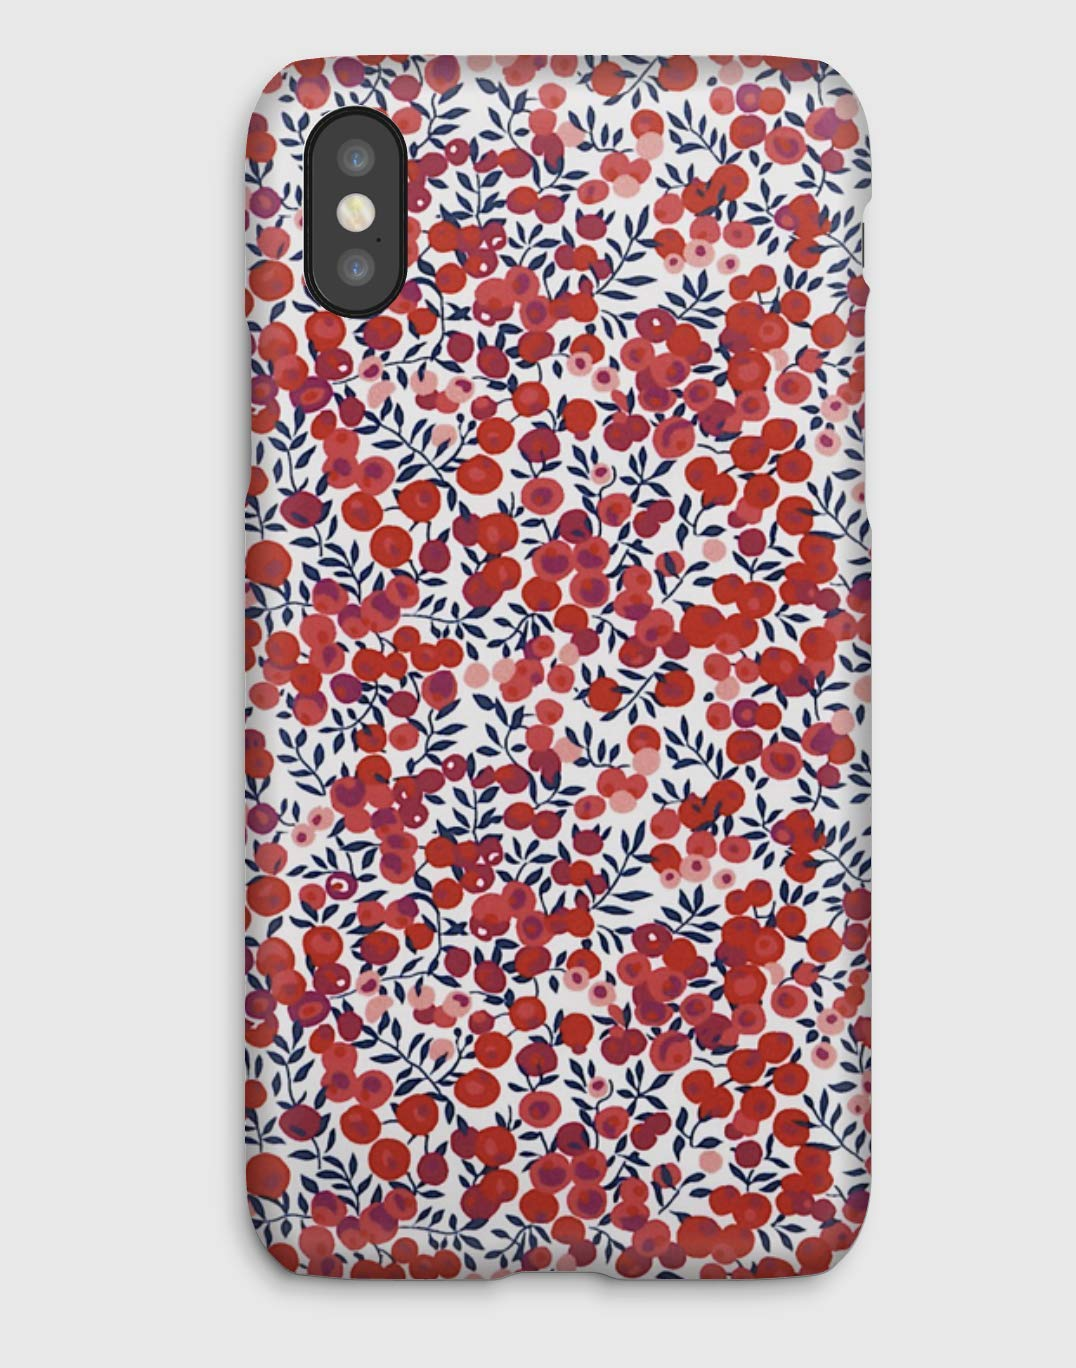 5SE 6S 8+ 5C 6 X 8 5S 4S 6+ coque pour iPhone XS XS Max 6S+ Wiltshire S 5 4, 7 XR 7+